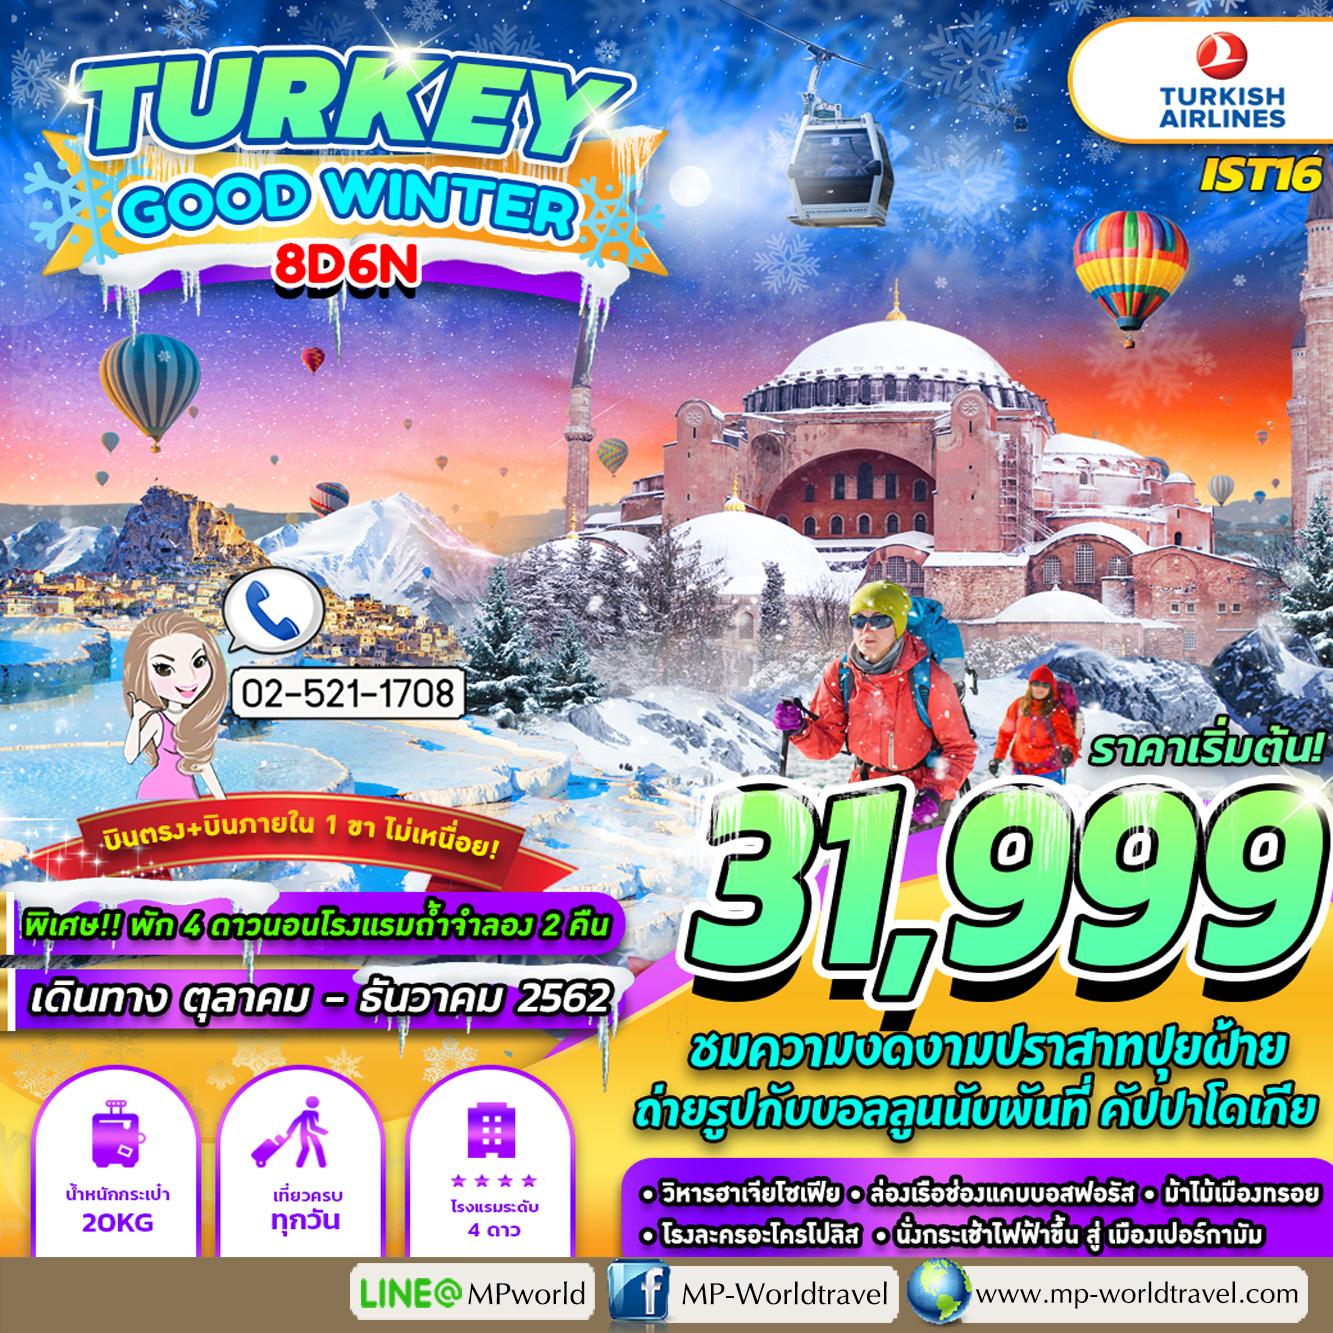 ทัวร์ตุรกี IST16 TURKEY GOOD WINTER 8D 6N TK